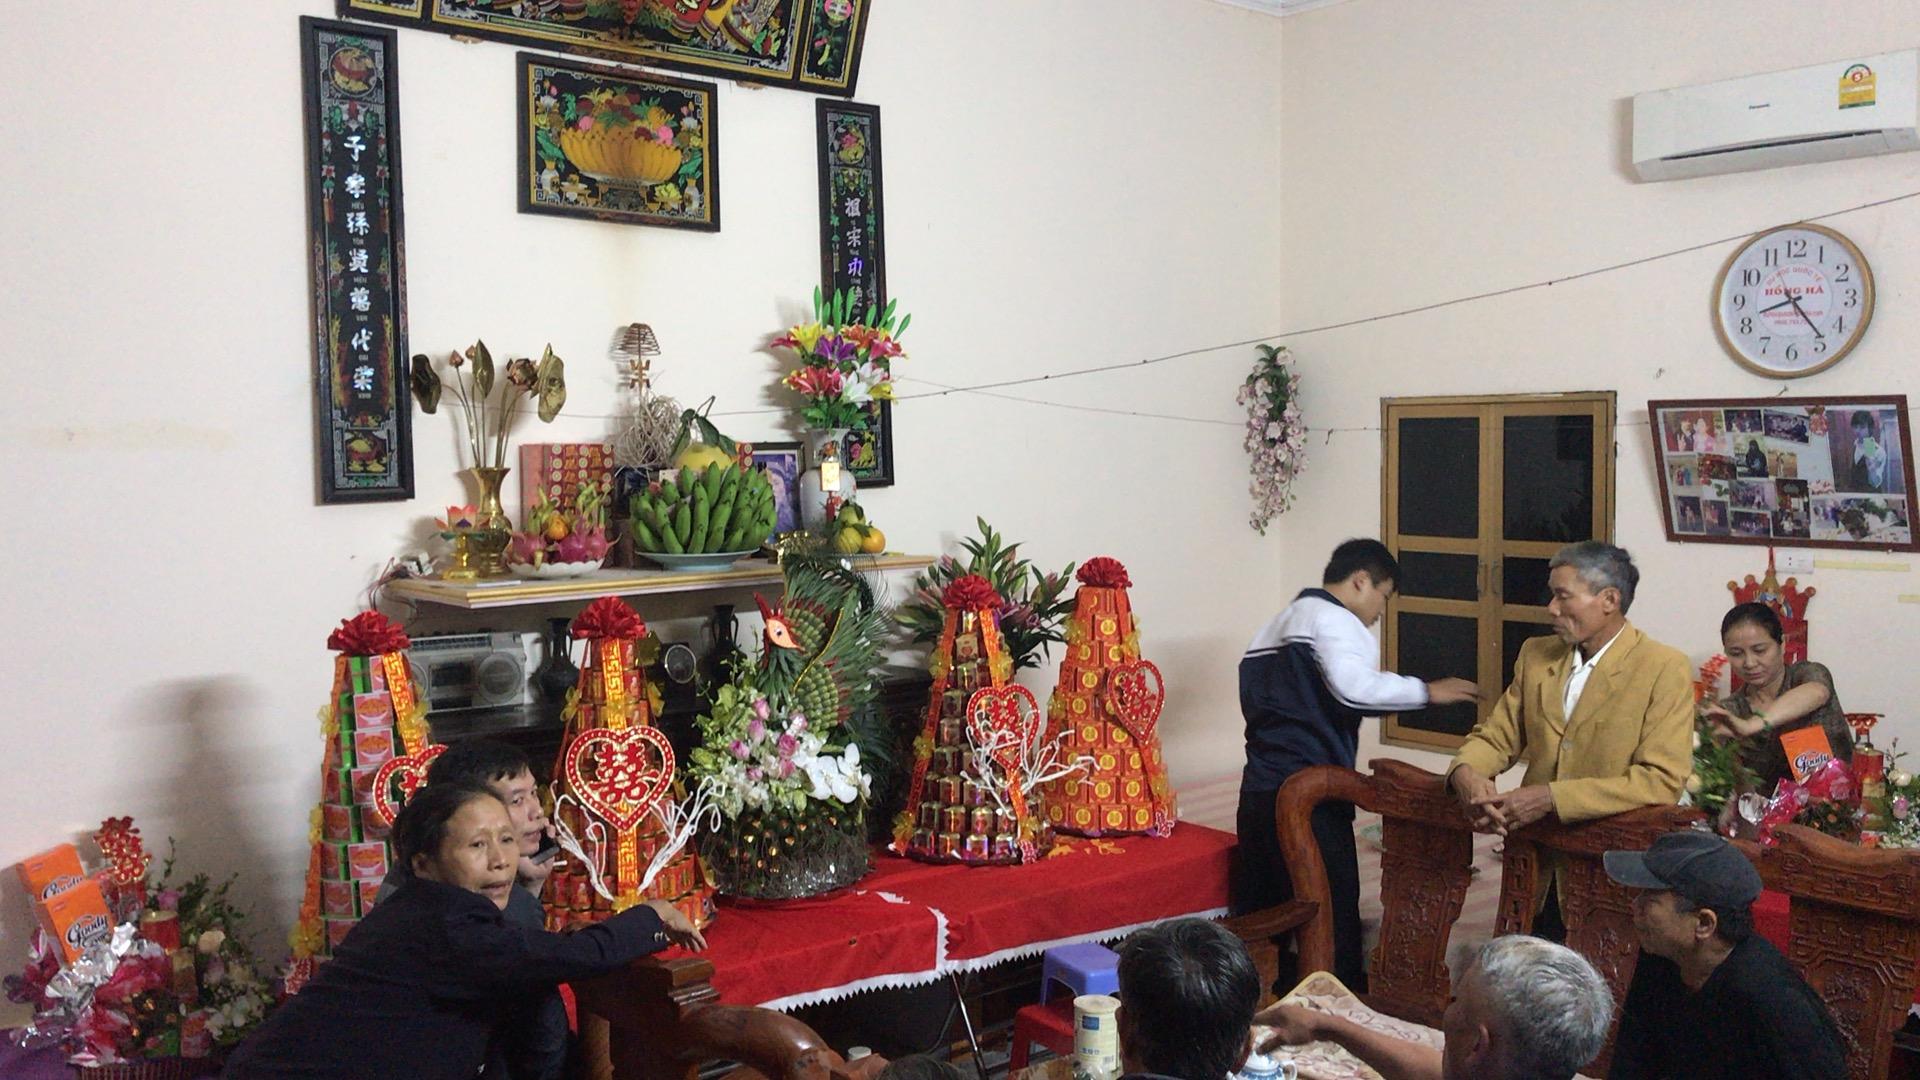 ベトナム 国際結婚